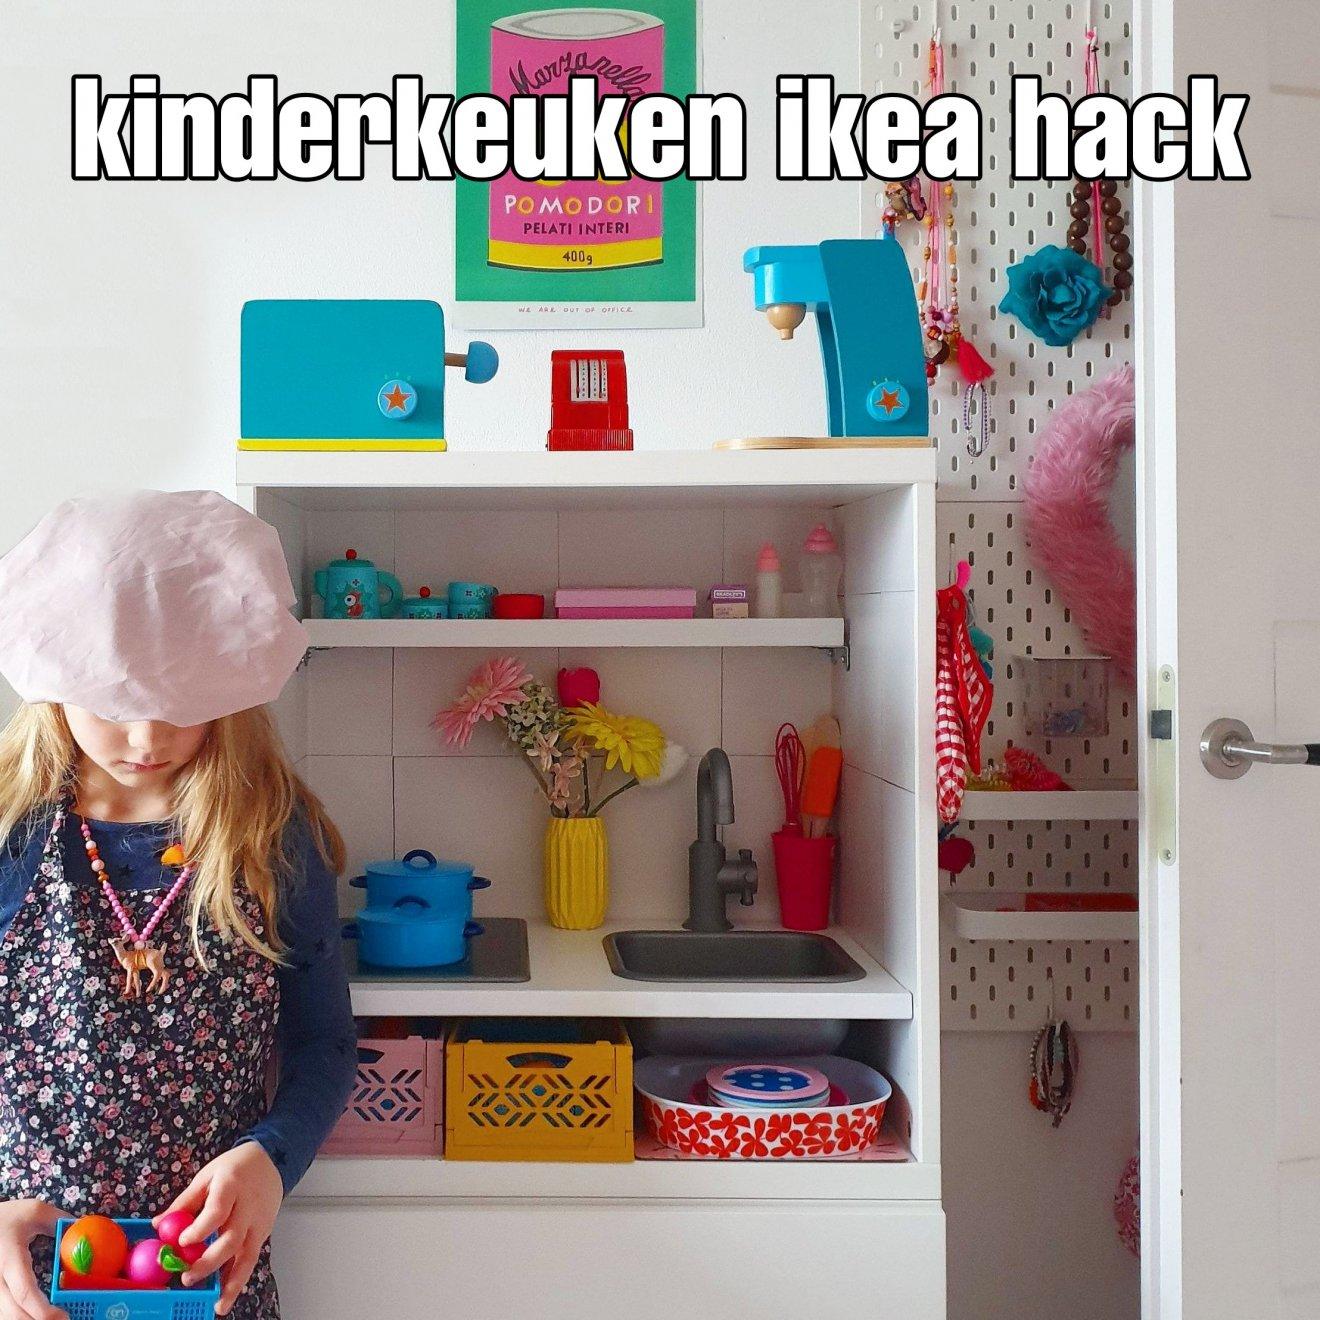 Ikea speelkeuken hack: een kinderkeuken maken van Duktig en Besta